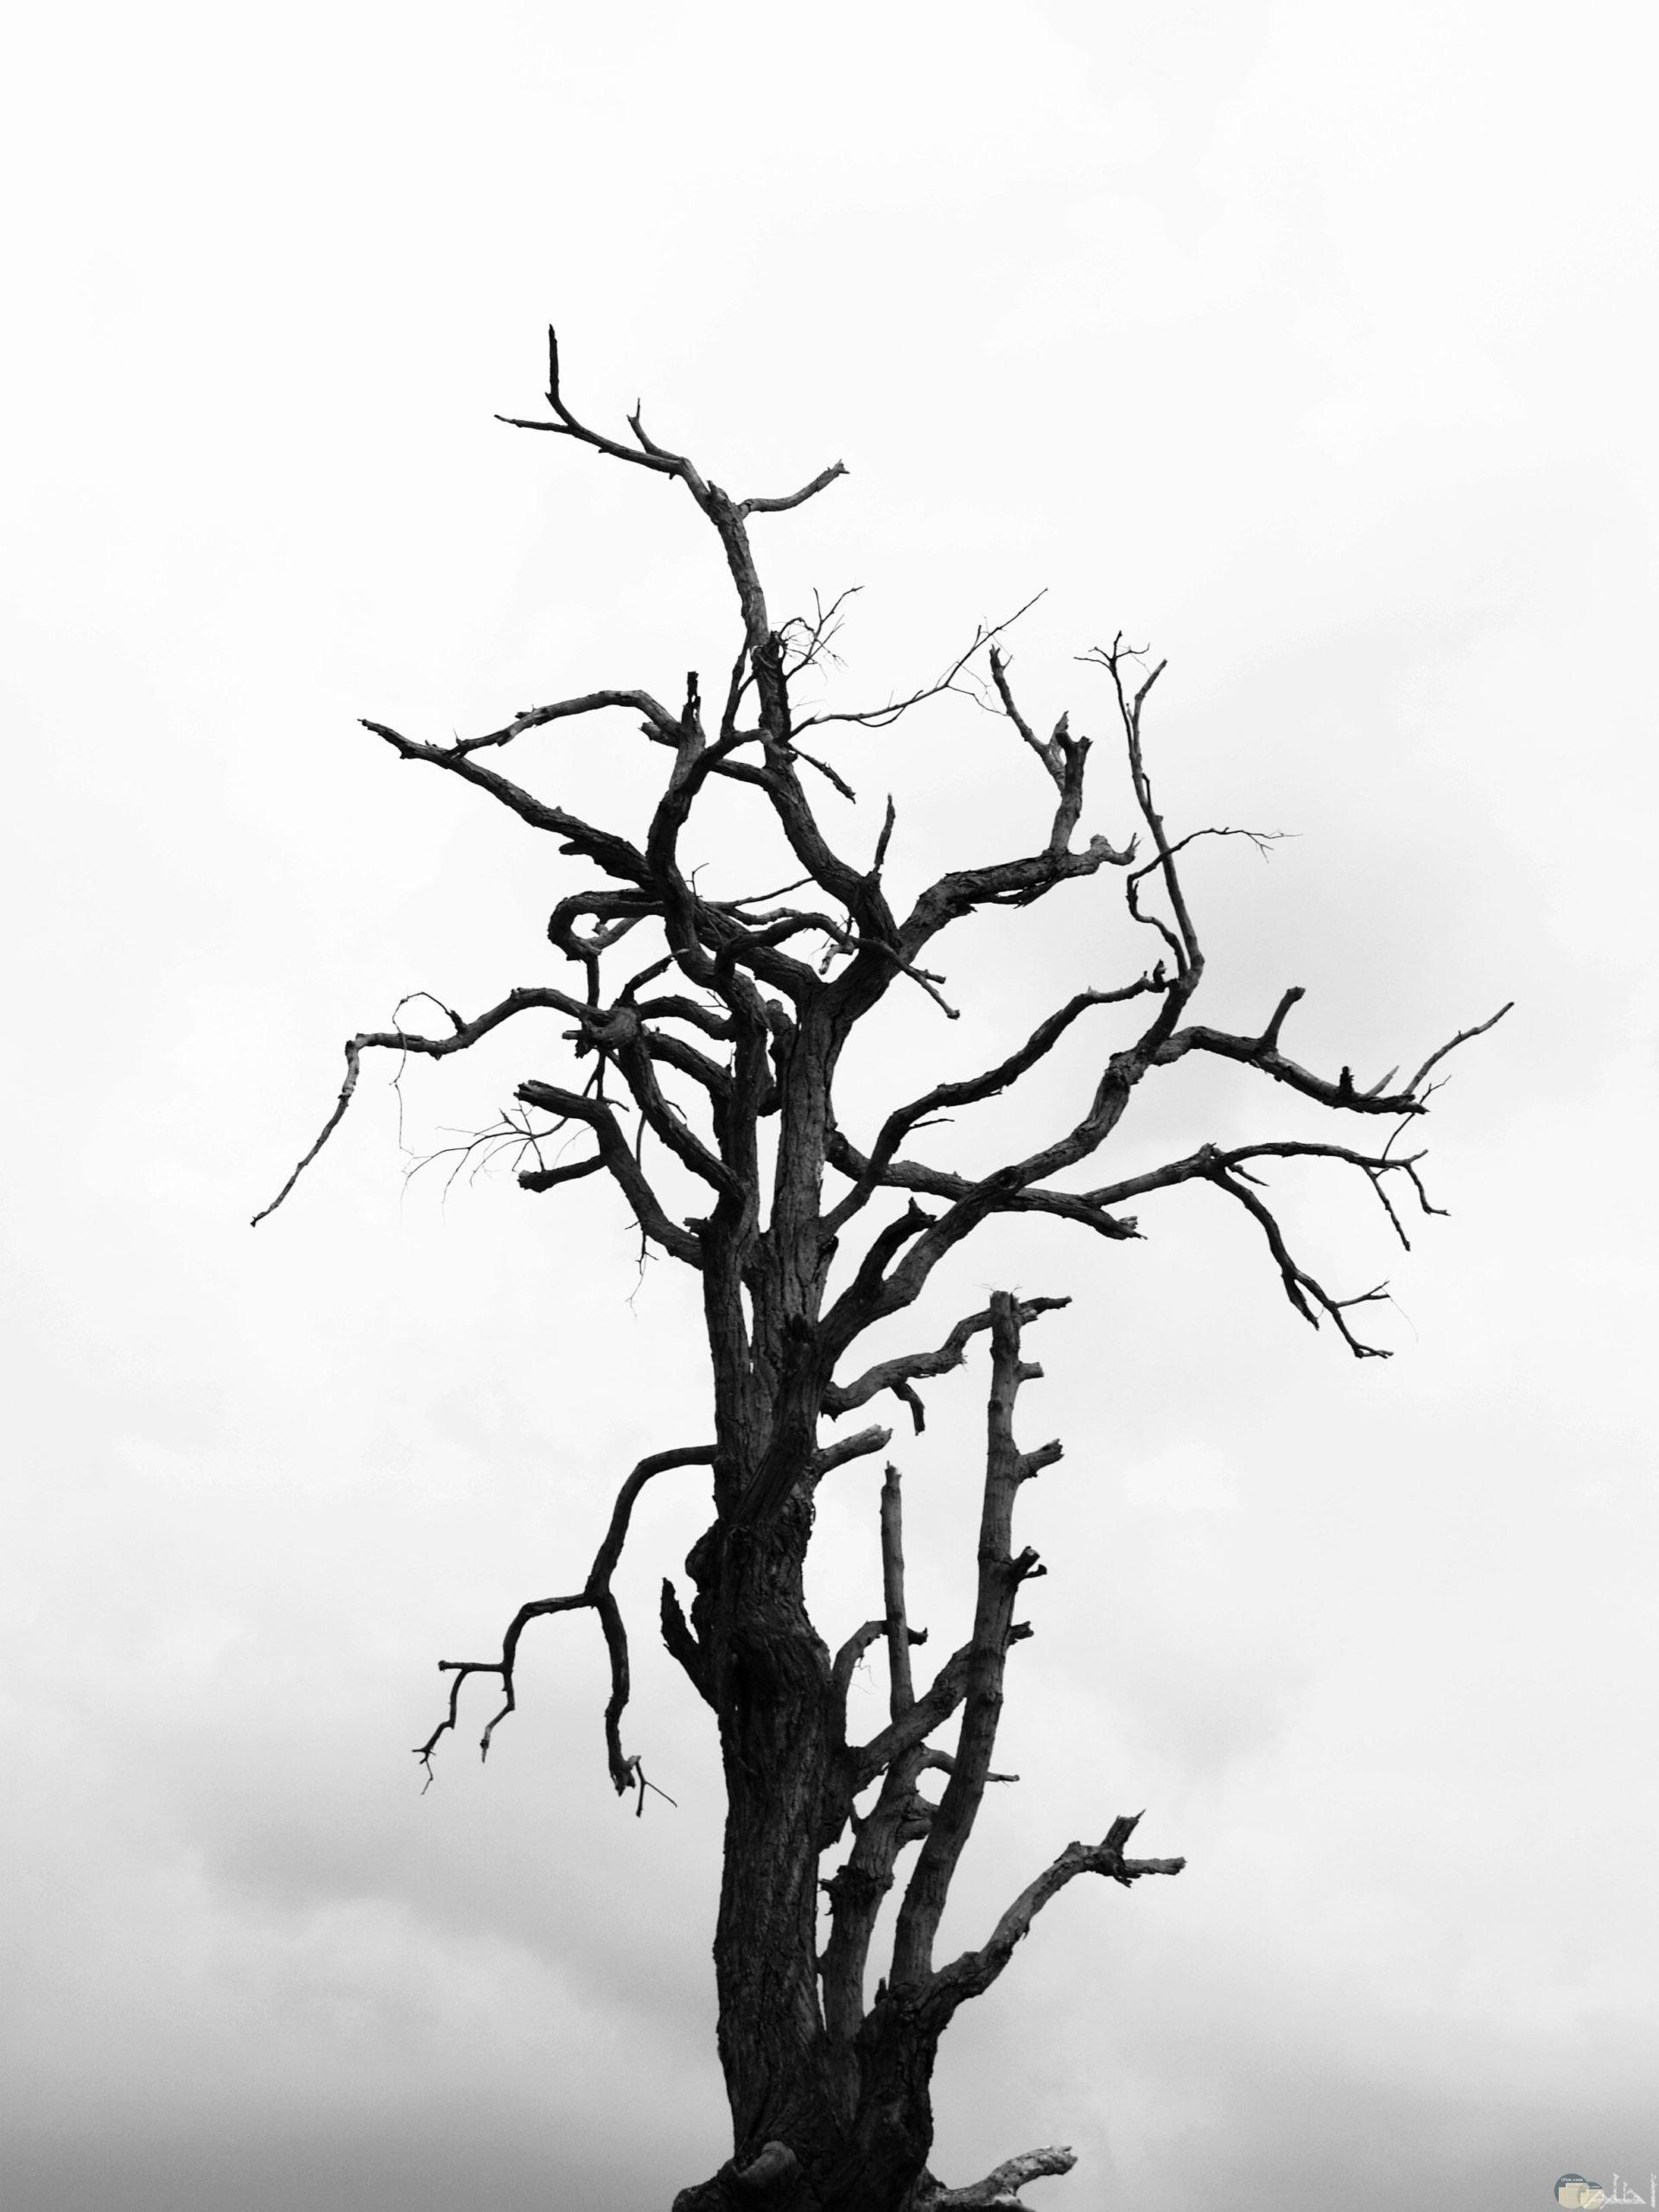 شجرة يلبسة ابيض و اسود.